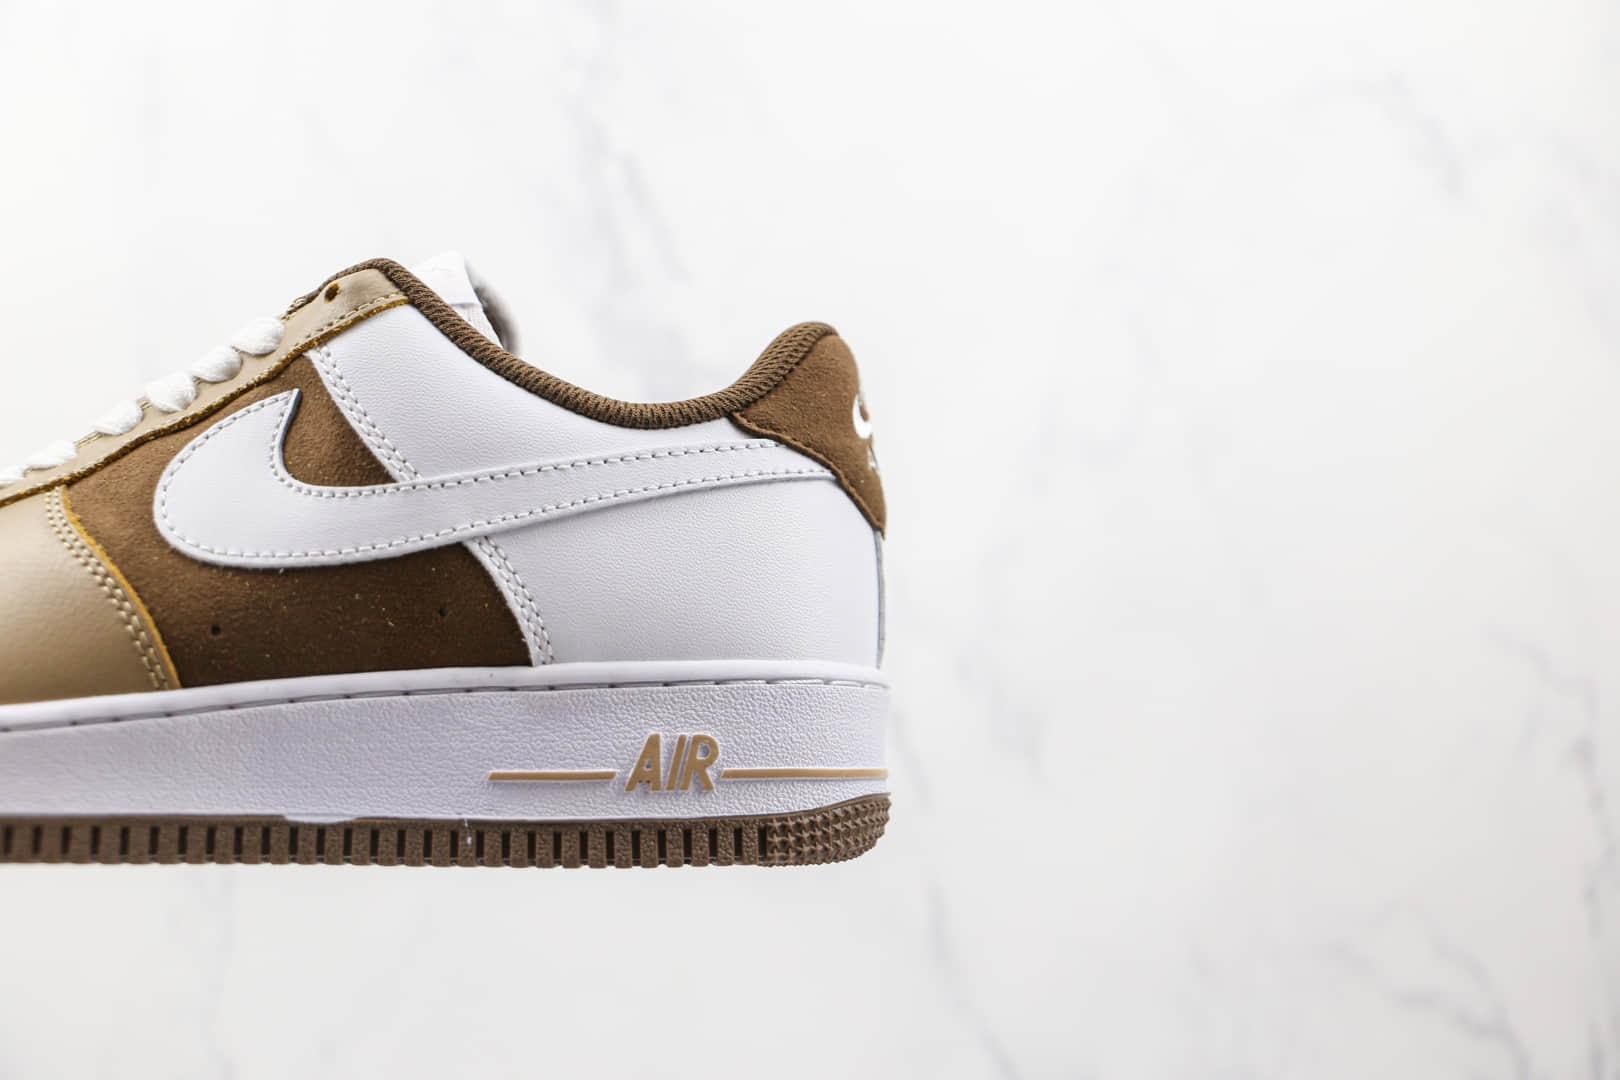 耐克Nike Air Force 1 cappuccino纯原版本低帮空军一号卡布奇诺拼色咖啡甜甜圈板鞋原盒原标 货号:CW2288-902